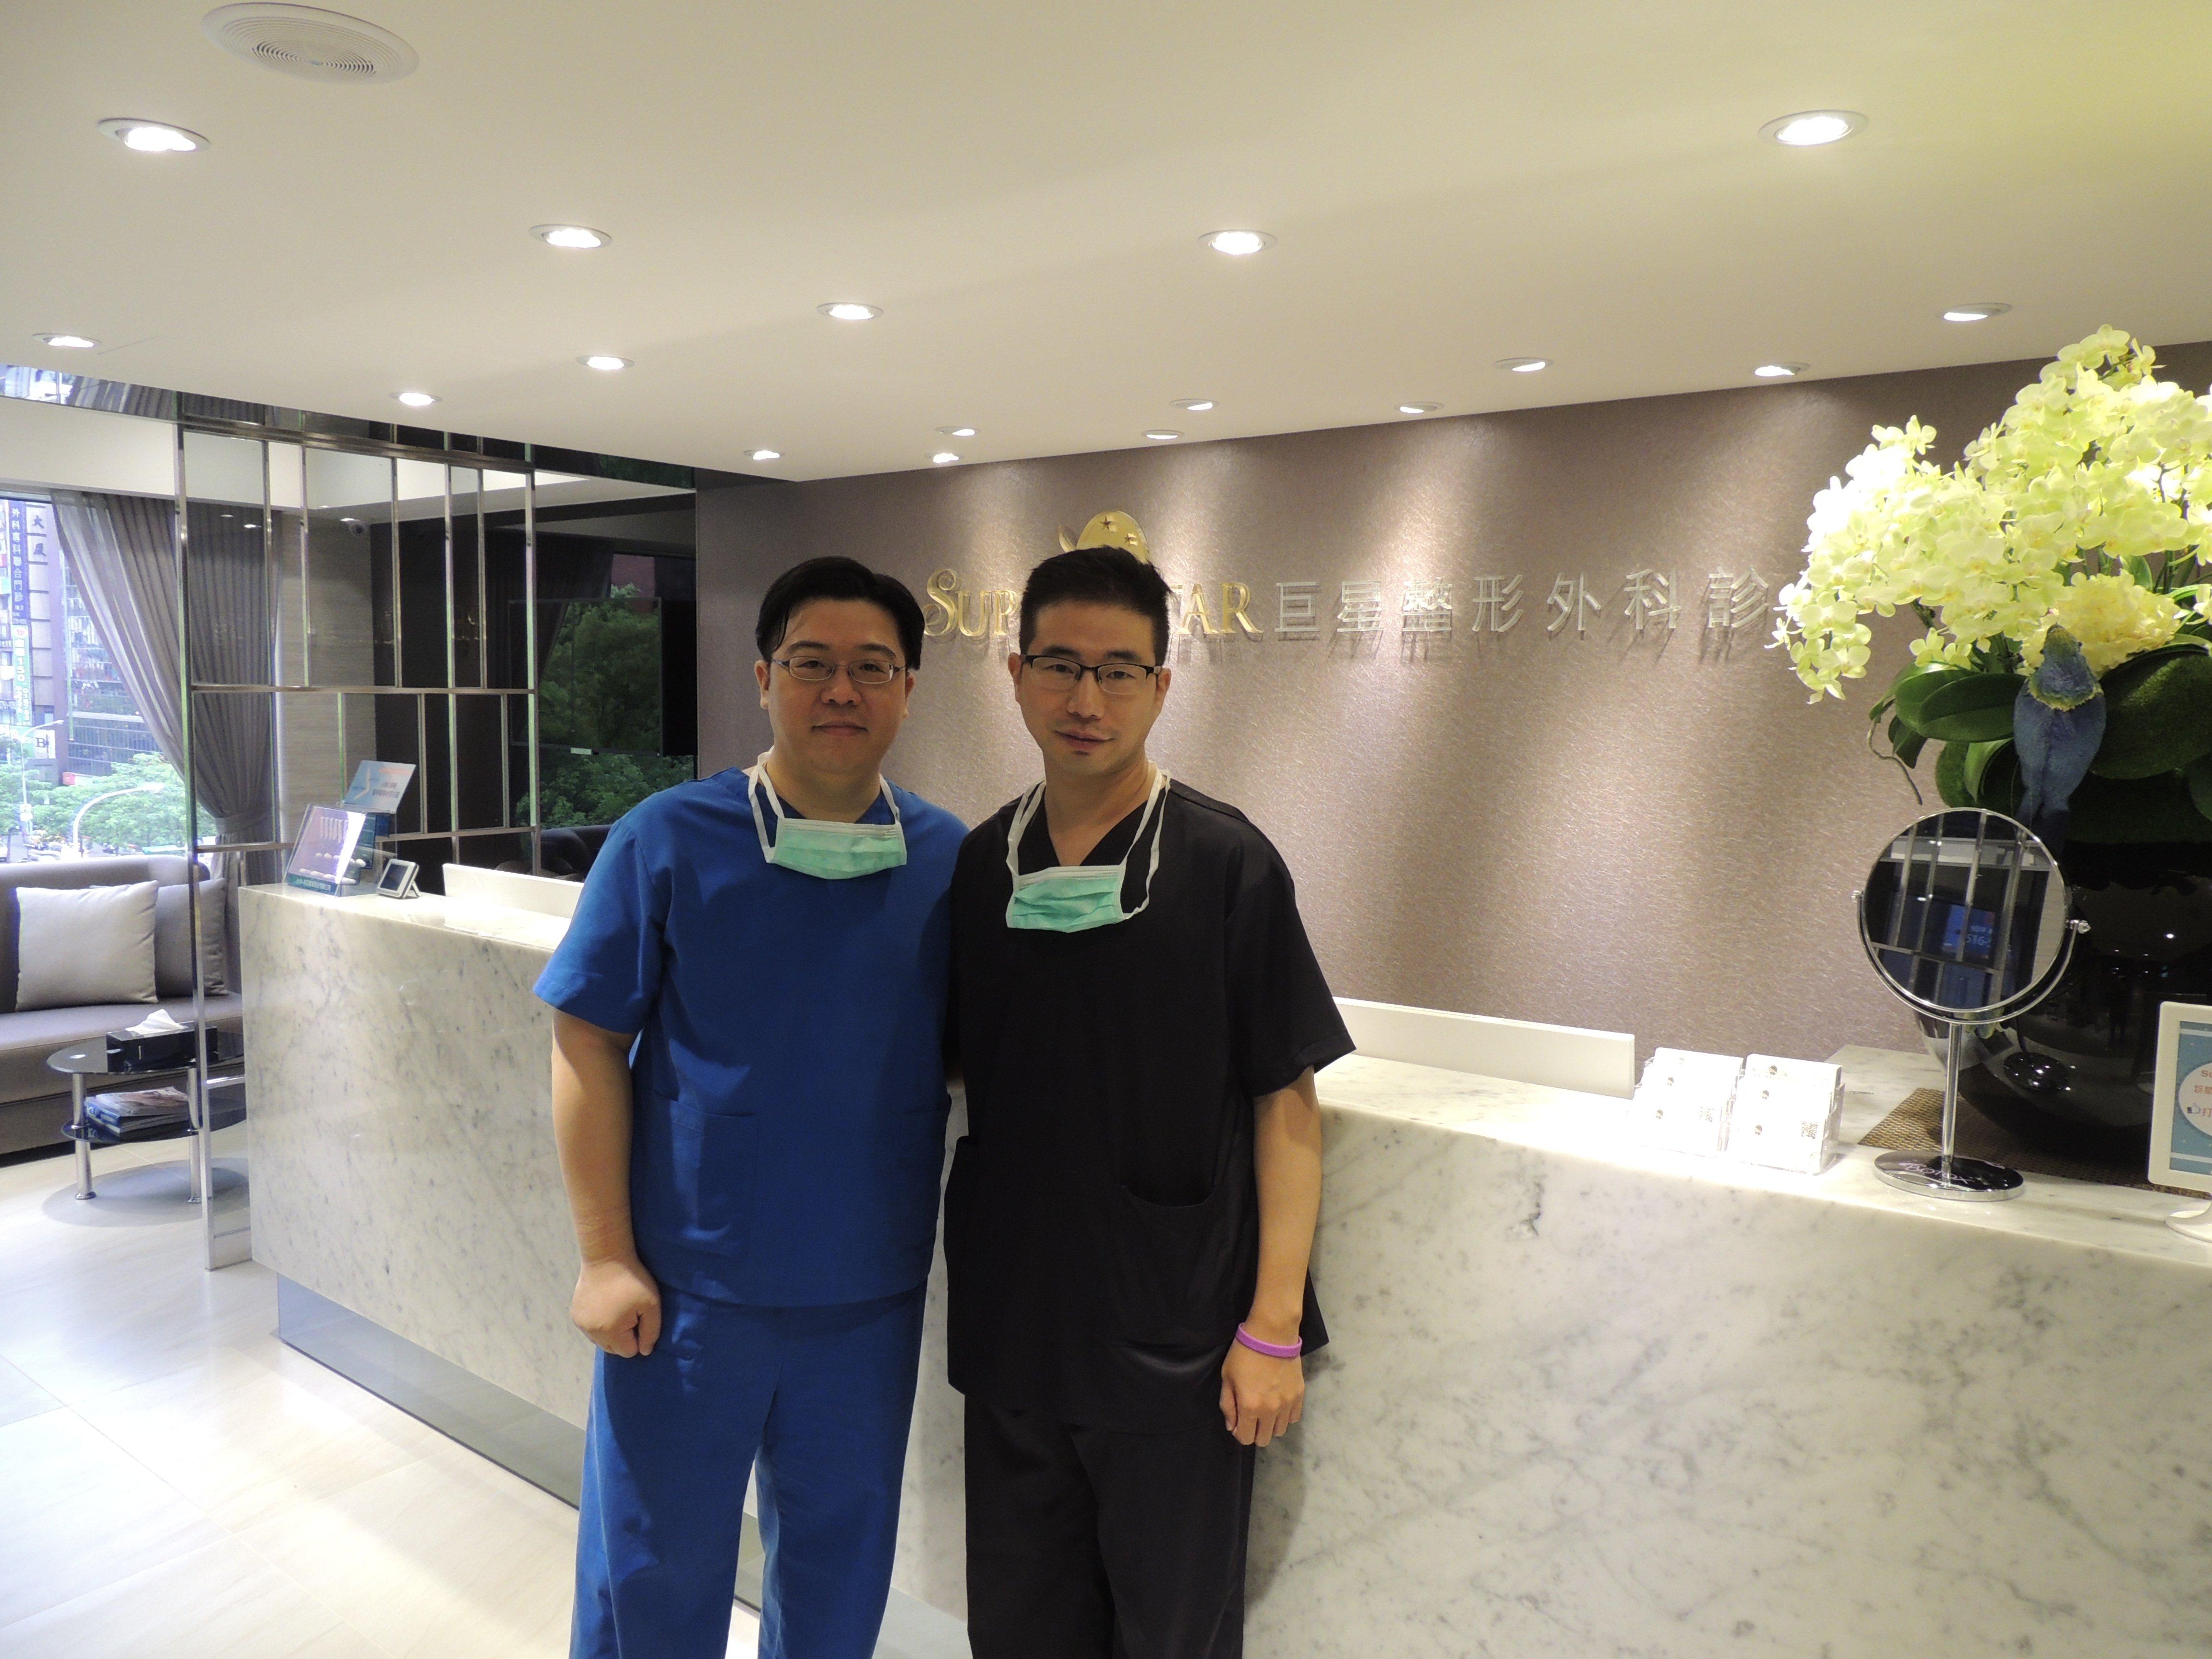 釜山Daniel Han醫師來巨星整形外科診所觀摩林敬鈞醫師手術, 留念合影